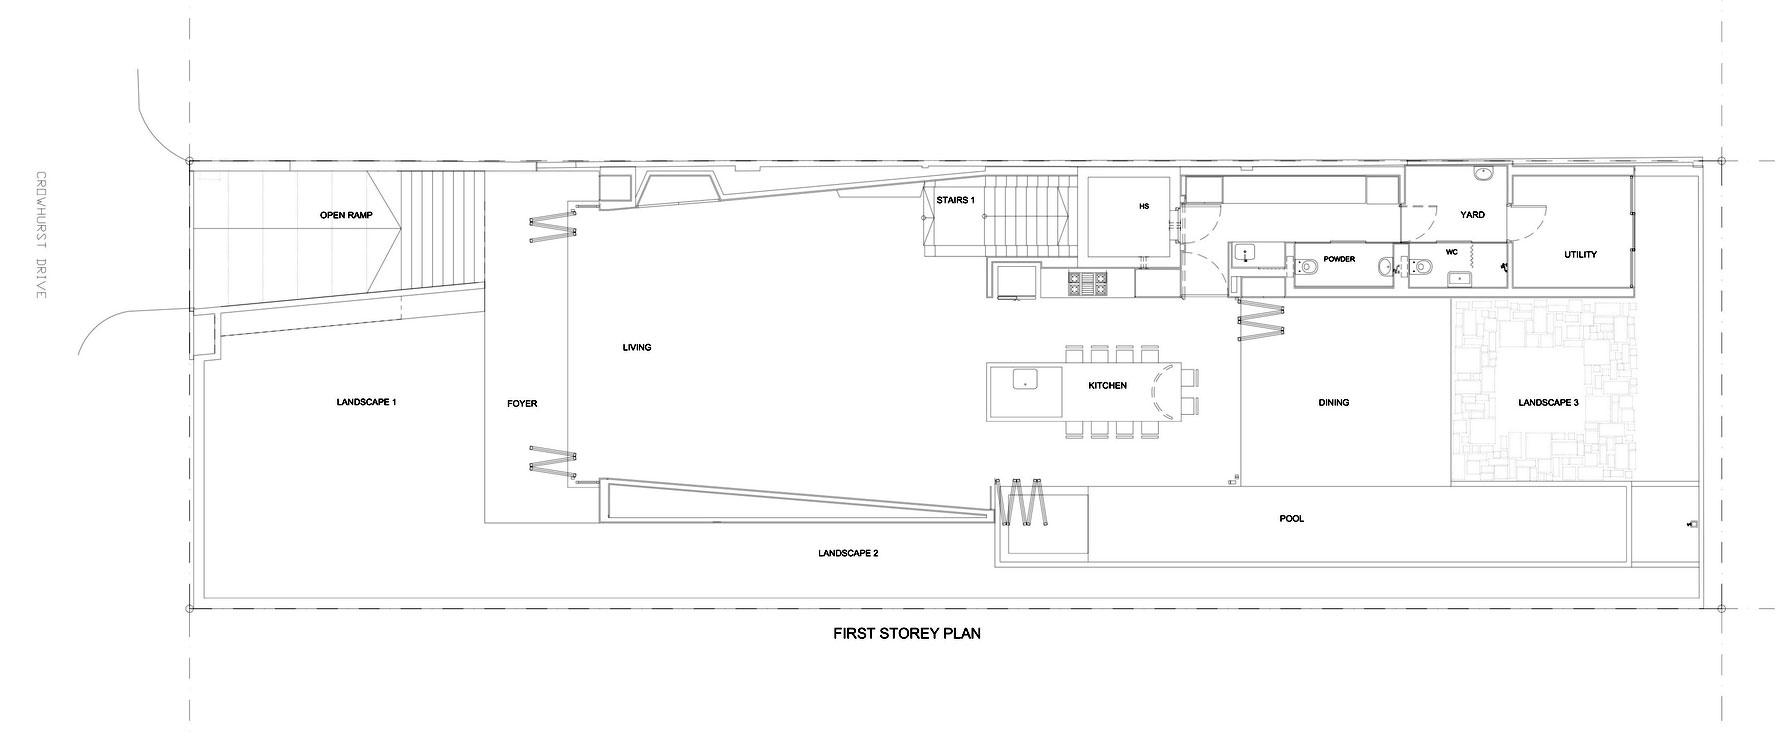 First Floor Plan, Modern Home, Singapore